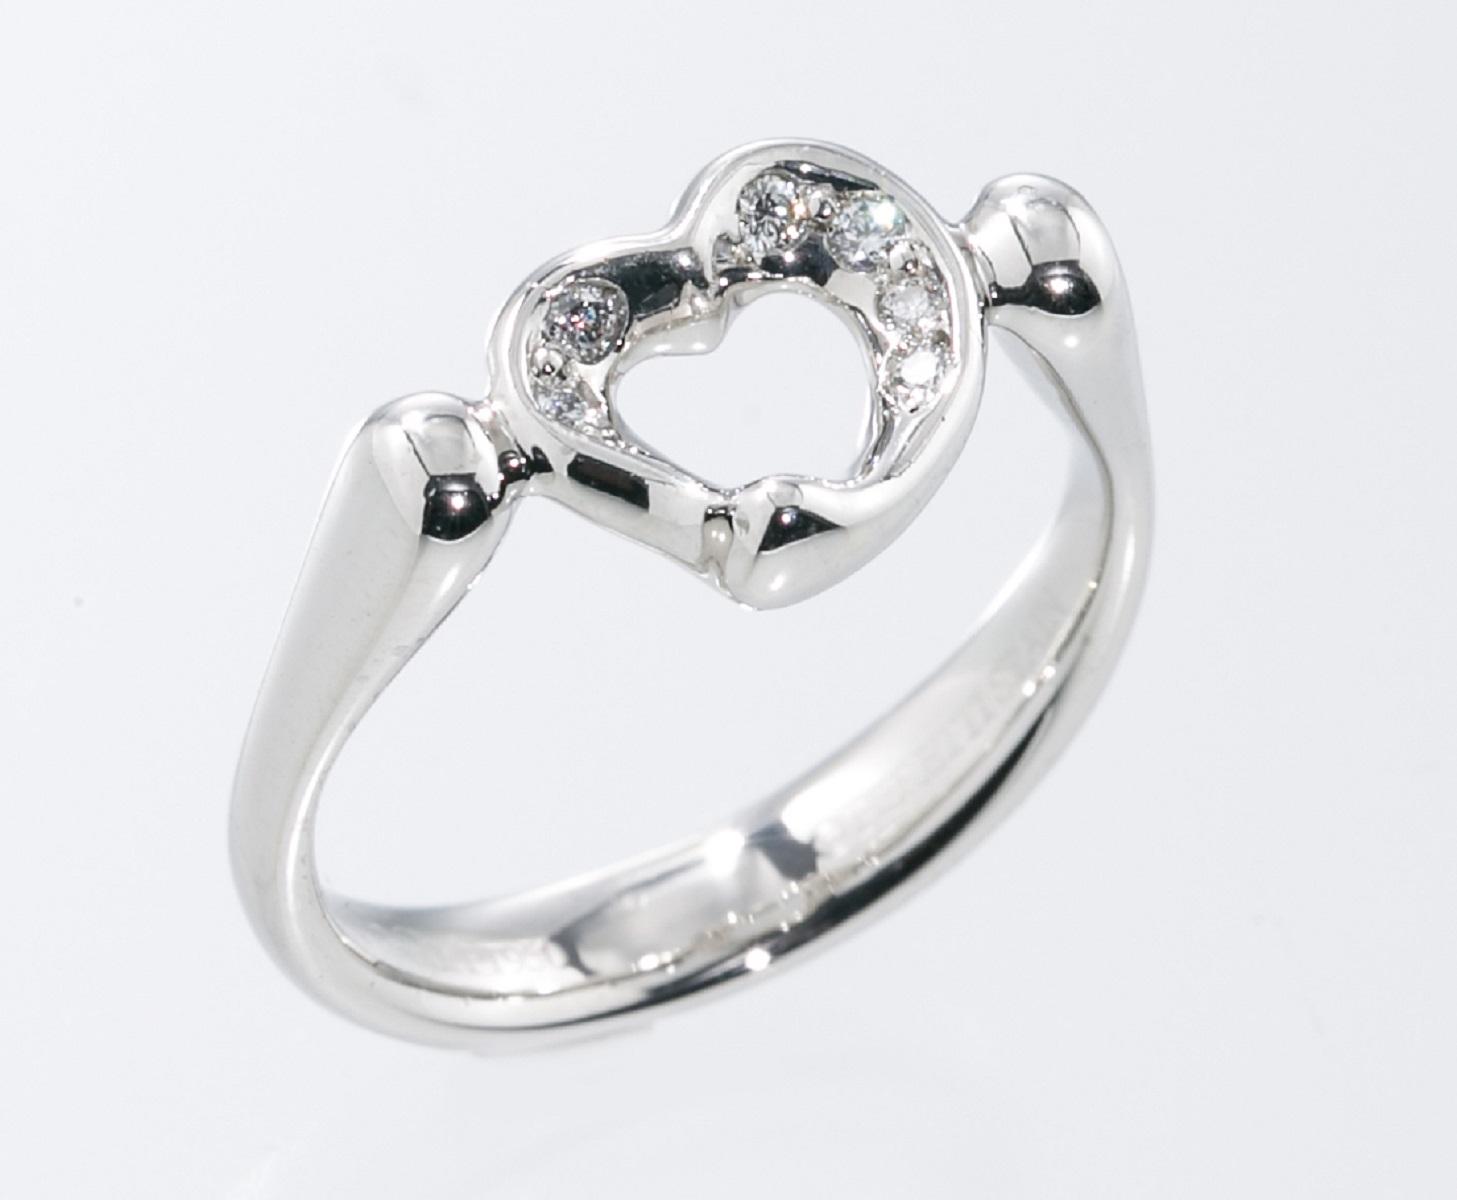 ティファニー Tiffany & Co. オープンハート ダイヤモンド リング 指輪 Pt950 プラチナ #8 【トレジャースポット】【中古】